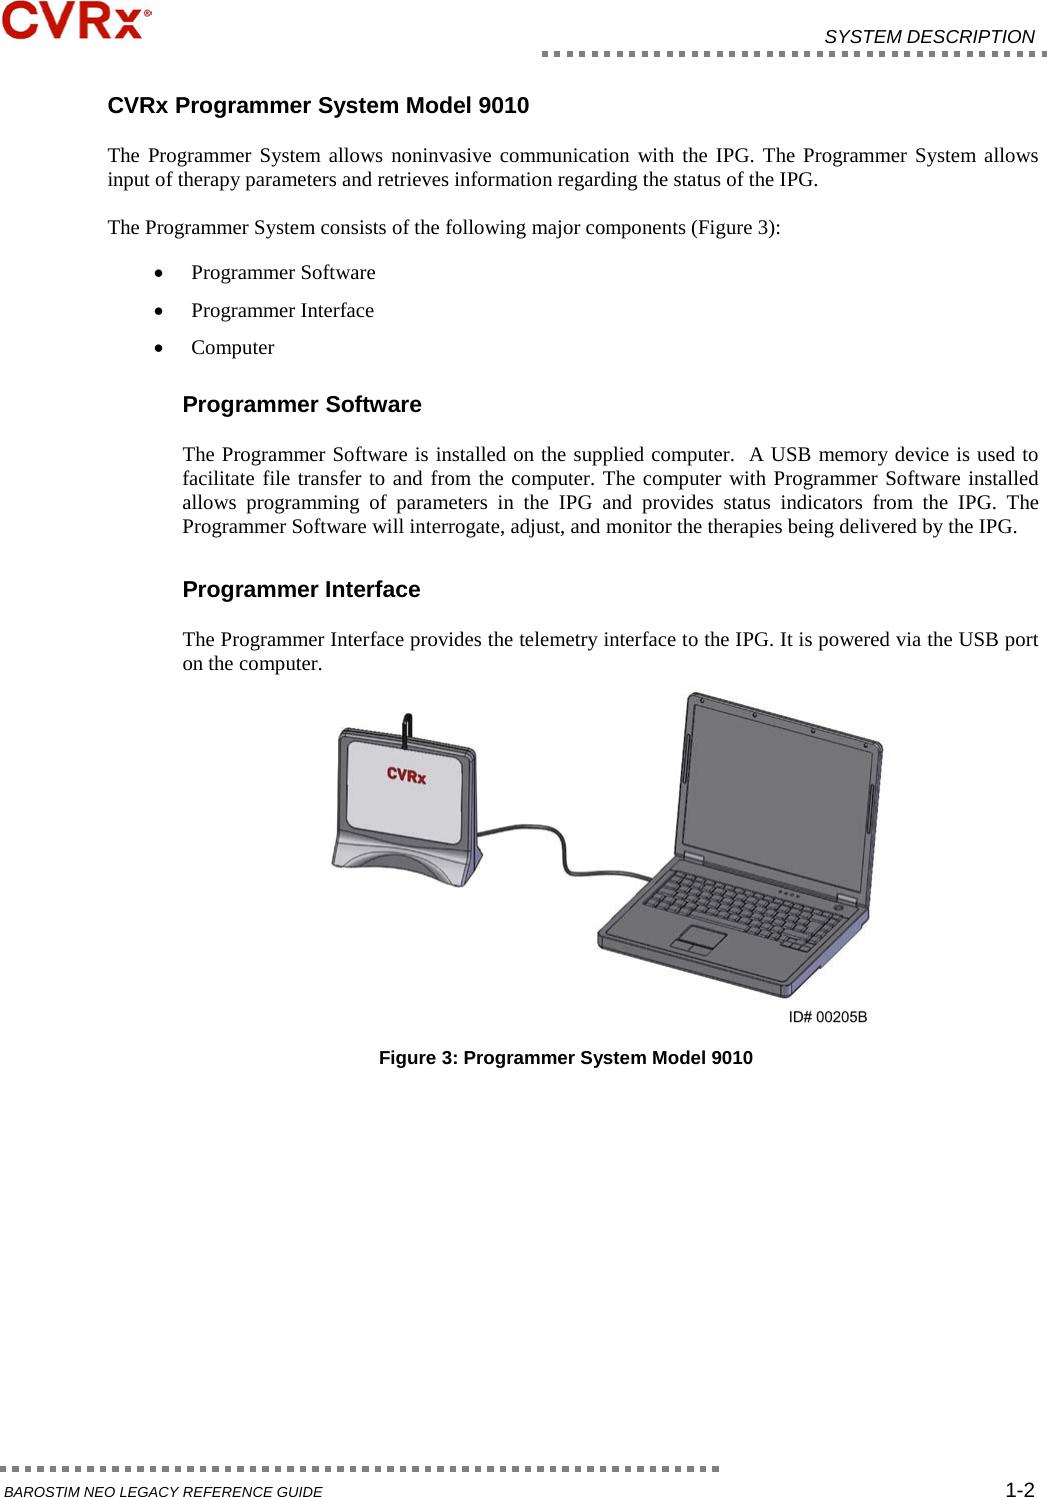 legacy dd502 instruction manual